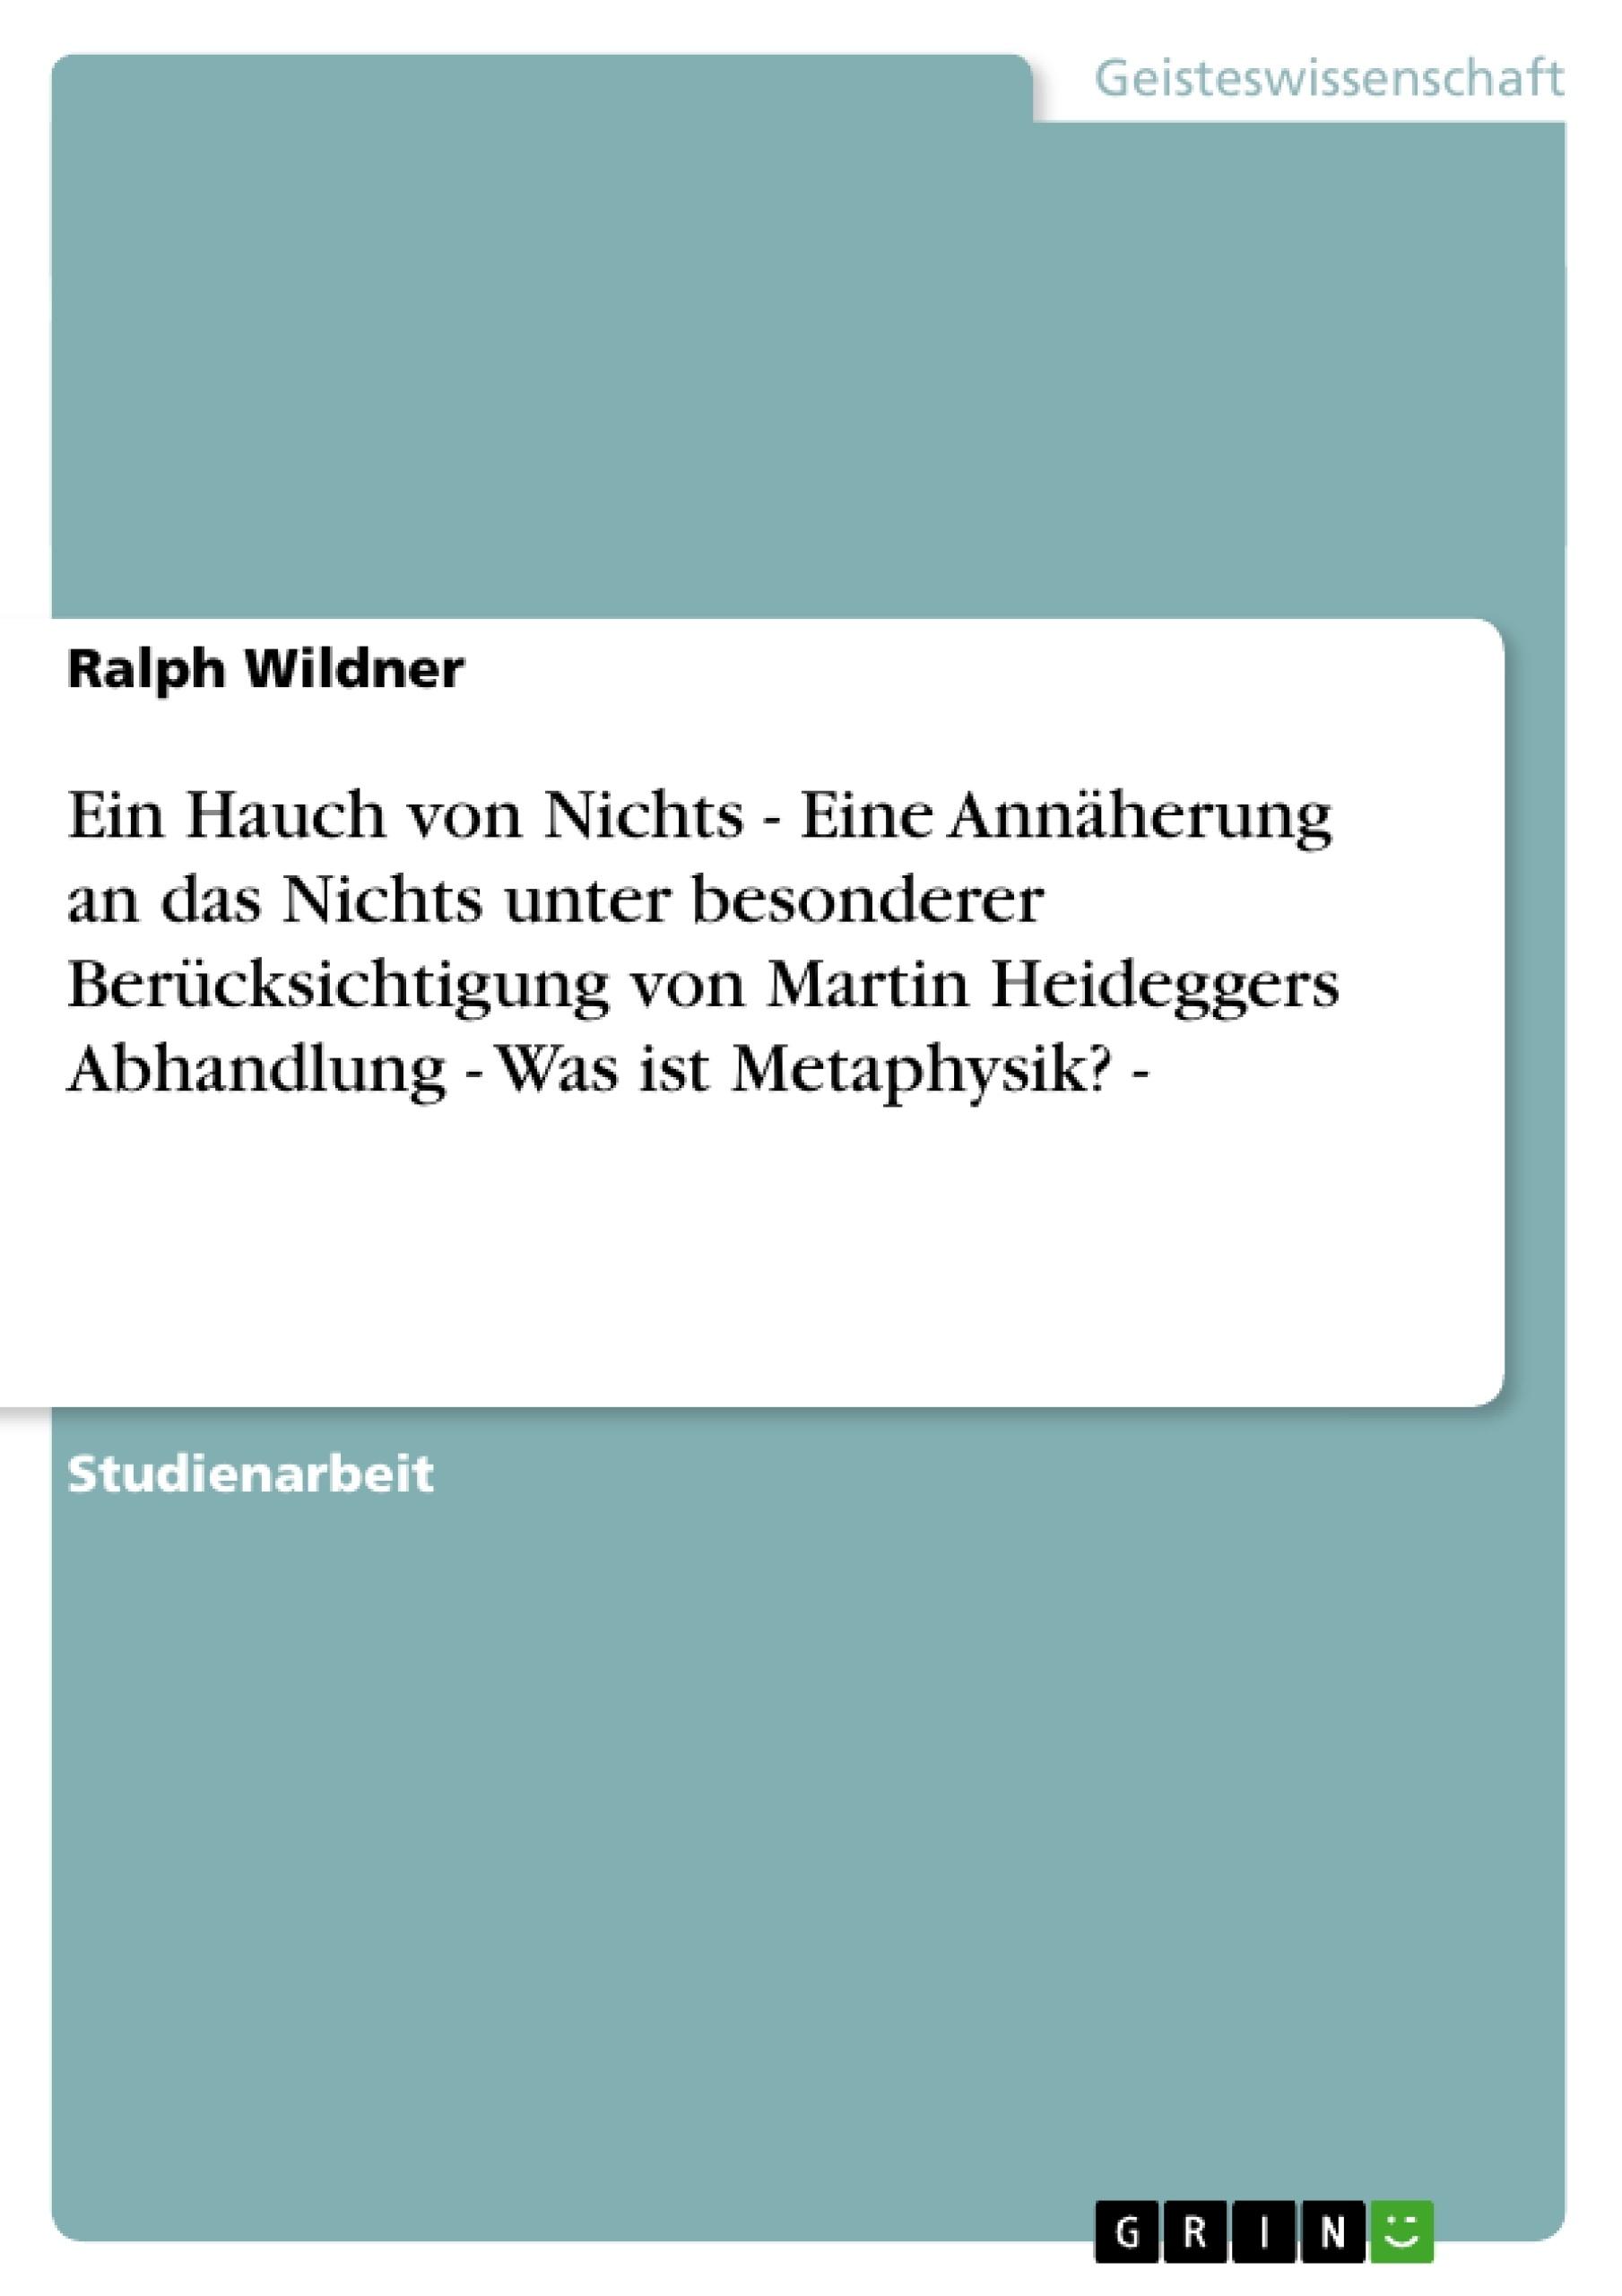 Titel: Ein Hauch von Nichts - Eine Annäherung an das Nichts unter besonderer Berücksichtigung von Martin Heideggers Abhandlung - Was ist Metaphysik? -